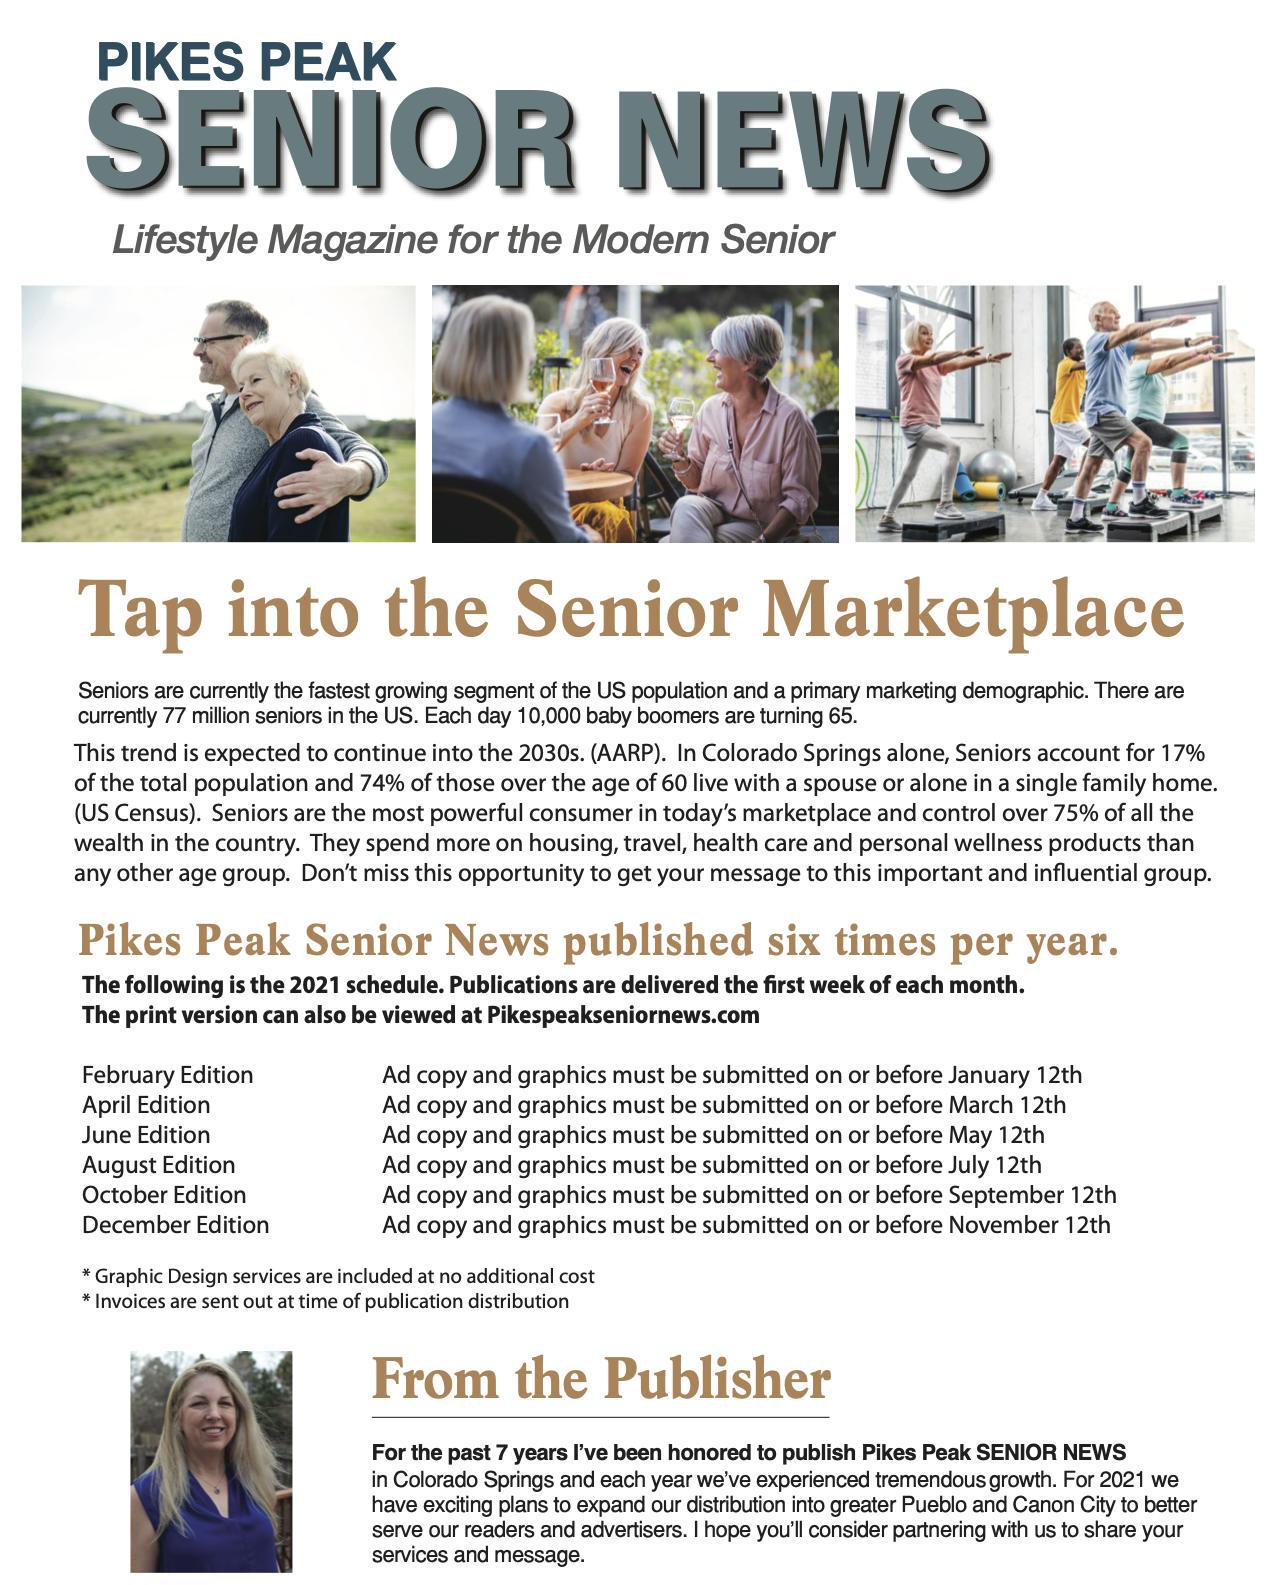 Pikes Peak Senior News Media Kit page 1